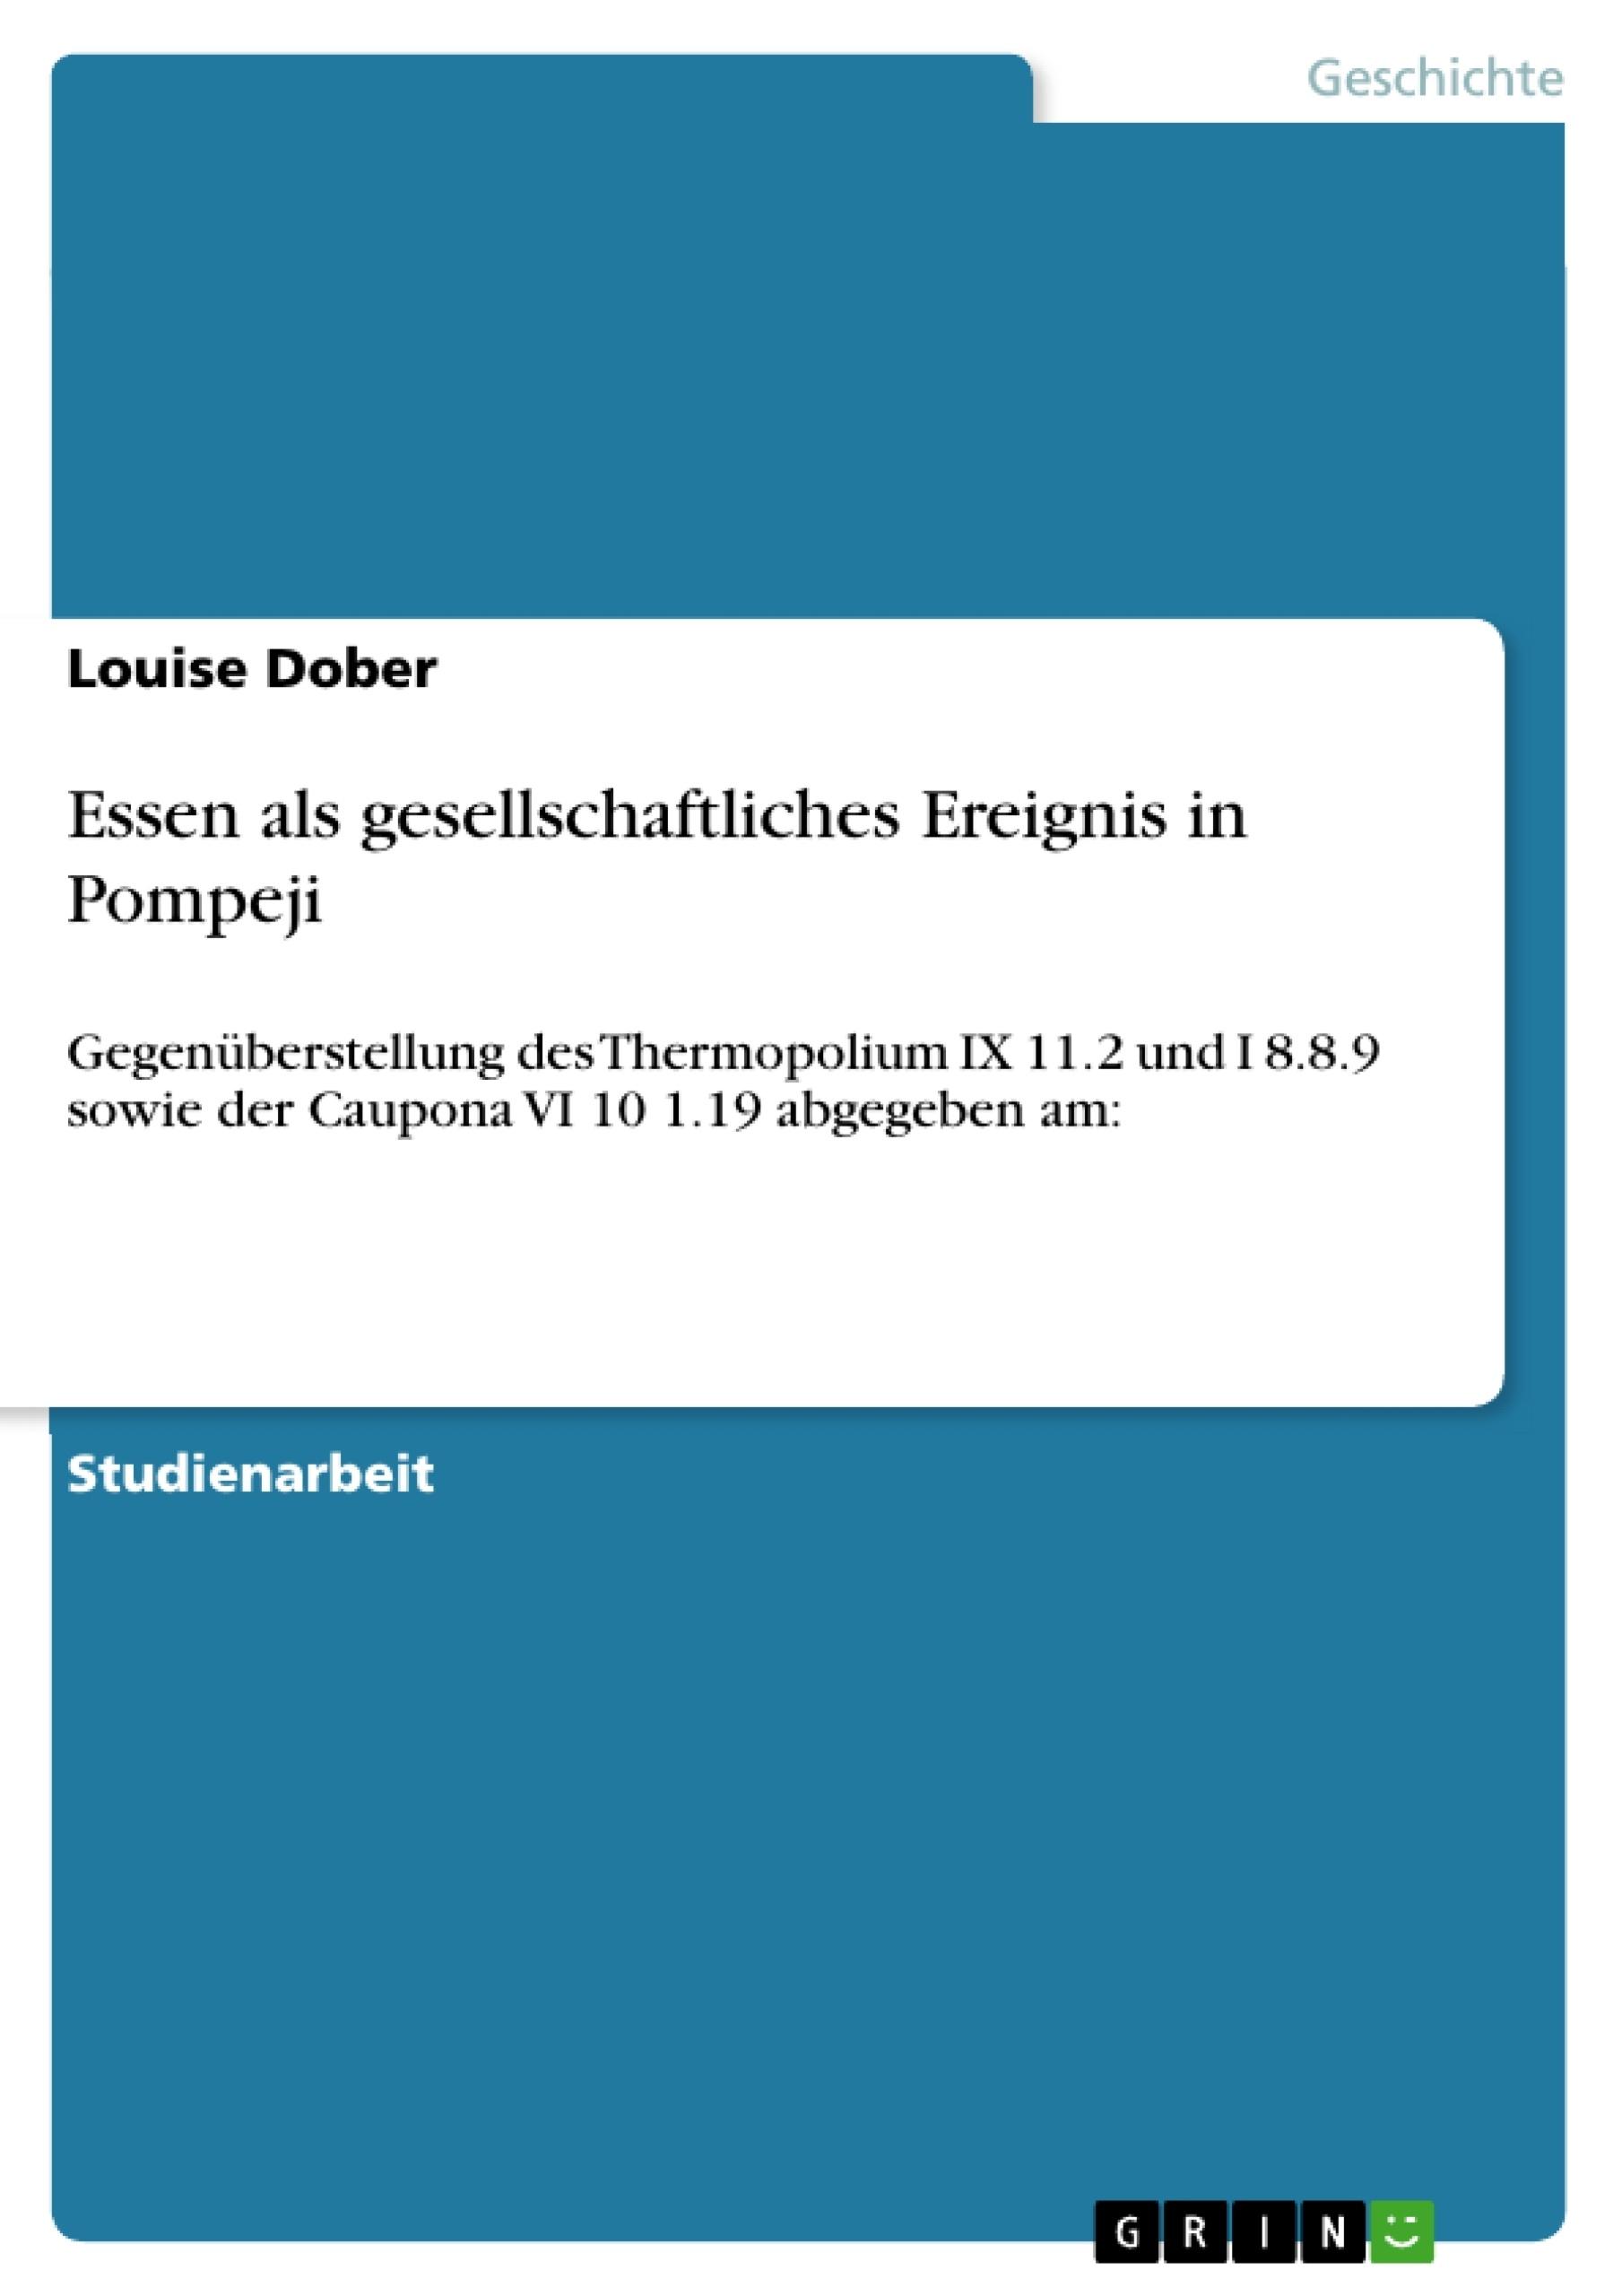 Titel: Essen als gesellschaftliches Ereignis in Pompeji